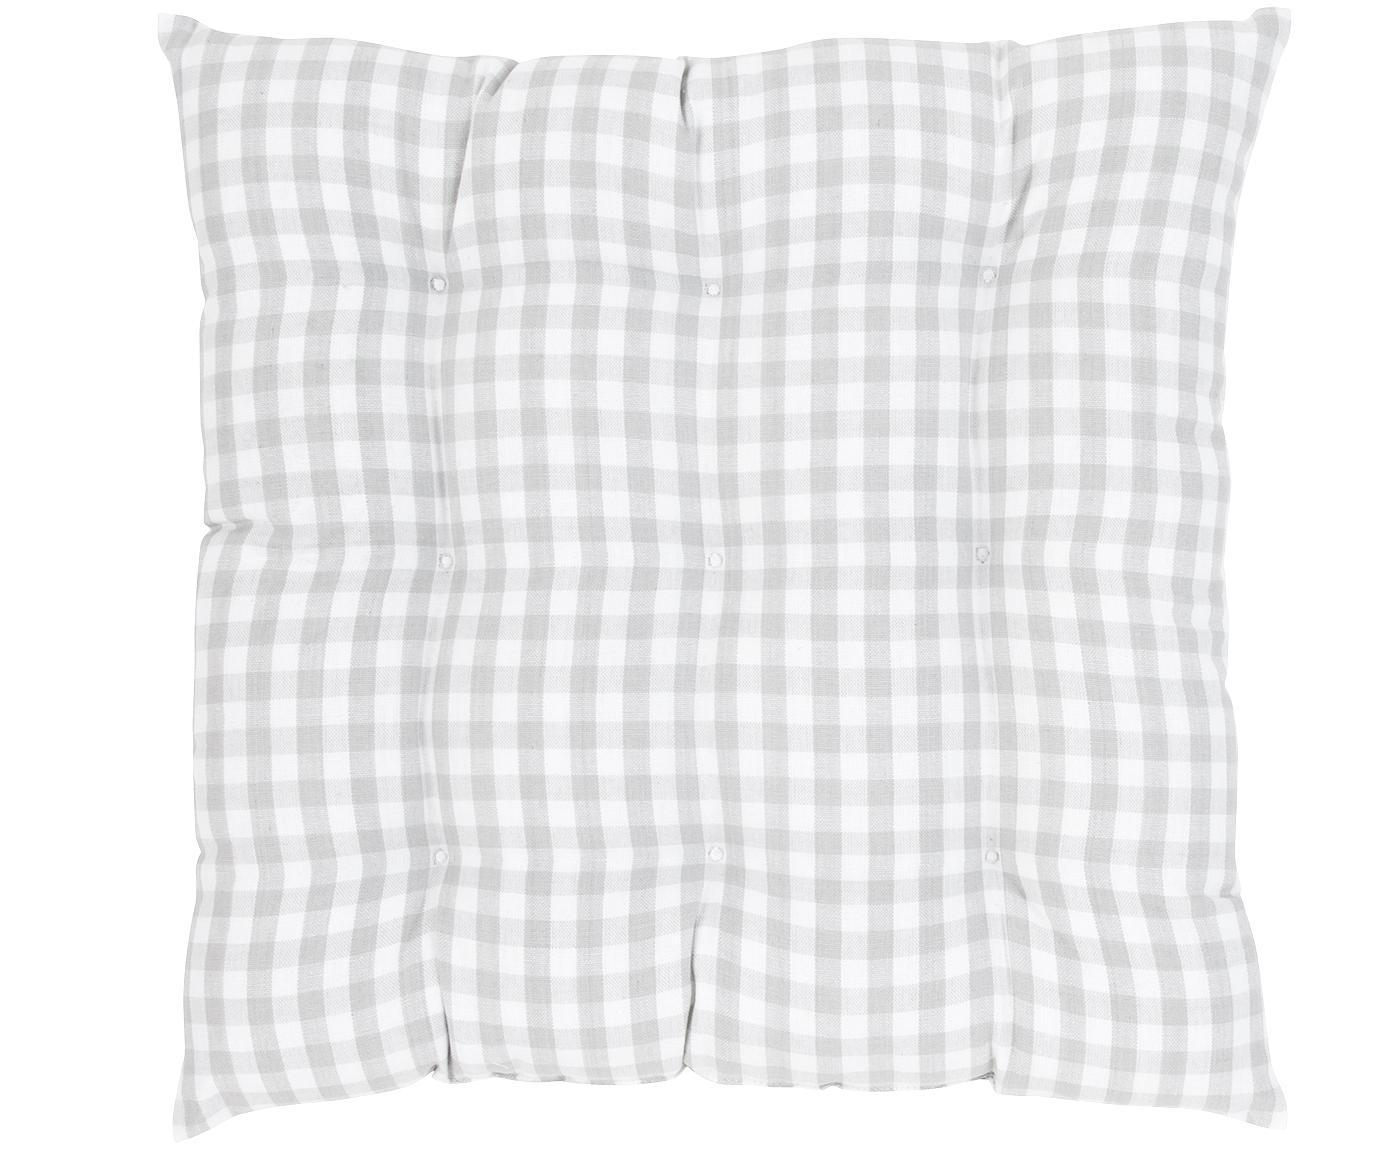 Poduszka na siedzisko Karolin, Jasny szary, kremowy, S 40 x D 40 cm